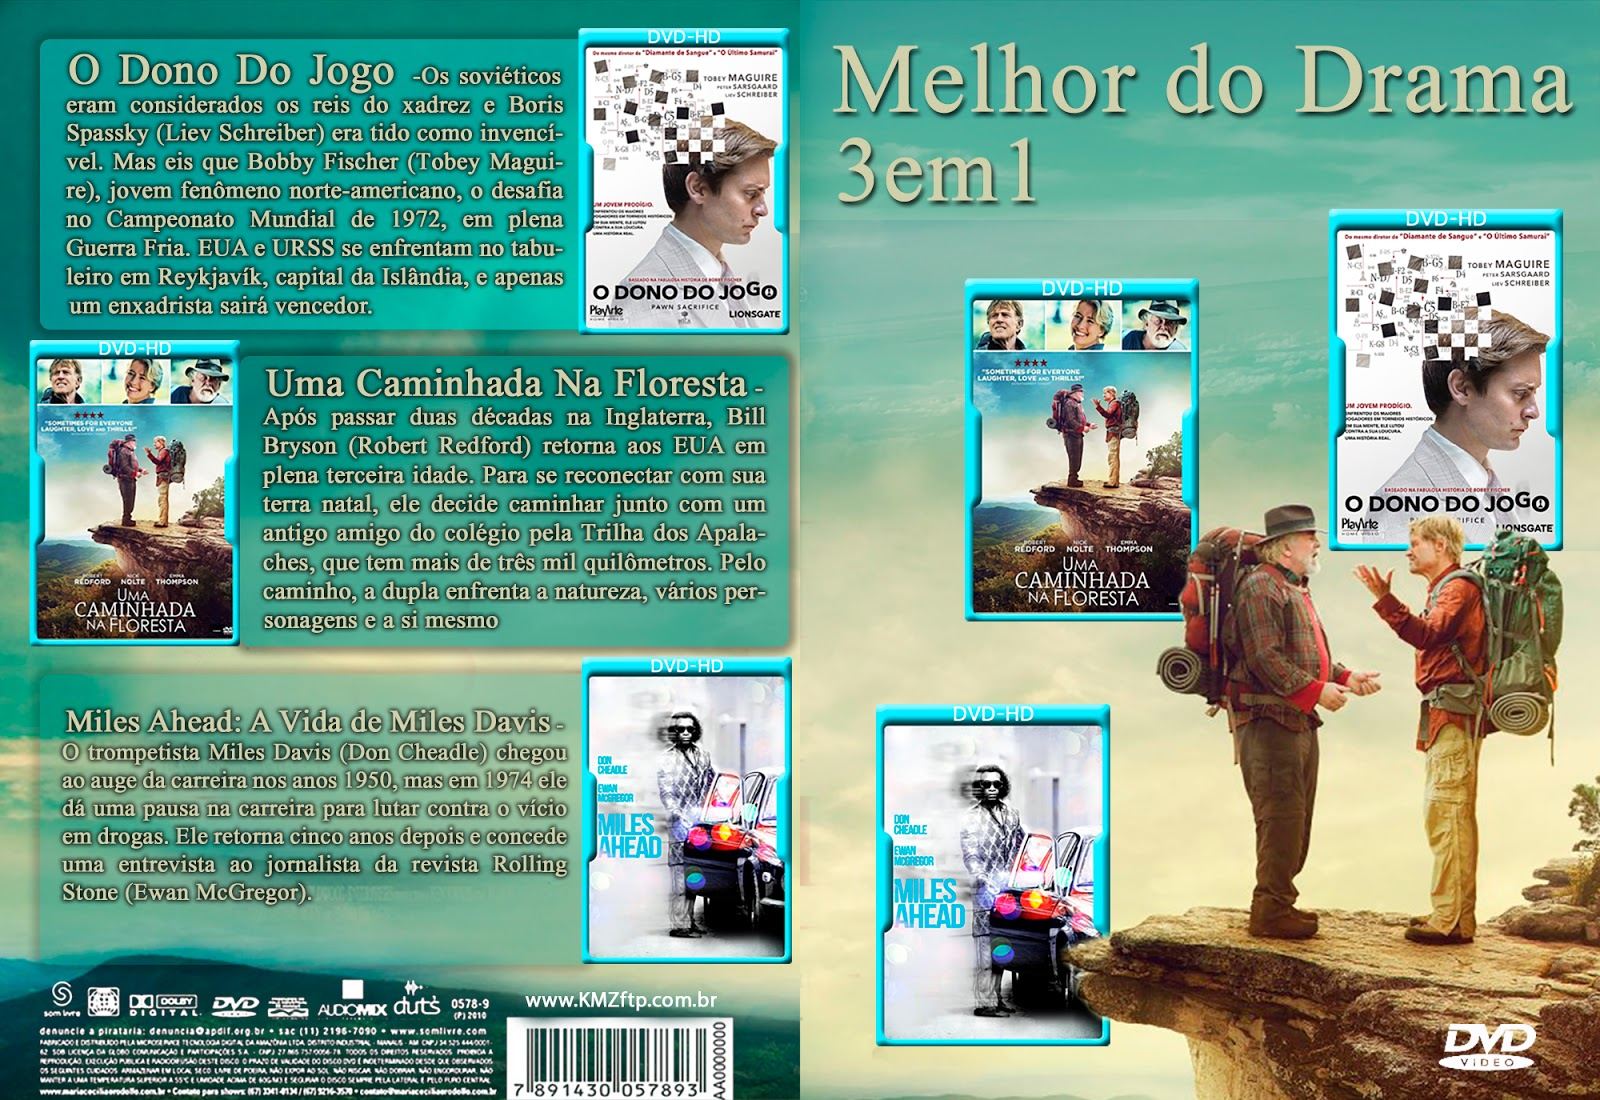 O Melhor Do Drama 3x1 DVD-R Super MelhorDoDrama3em1